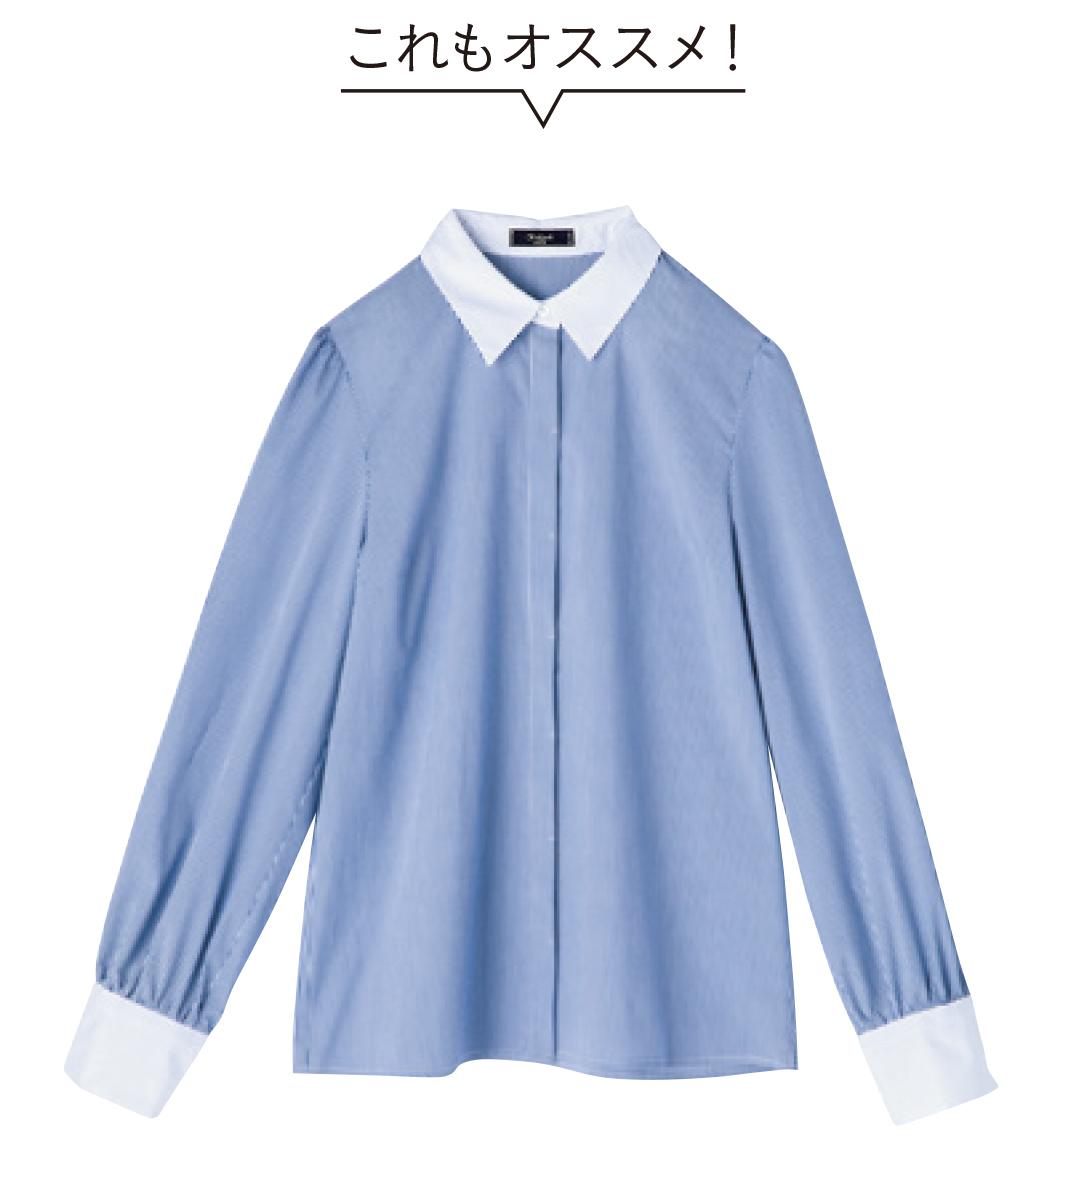 きちんと派のオフィスコーデ♡ シャツの着回し&おすすめをチェック!_1_3-2